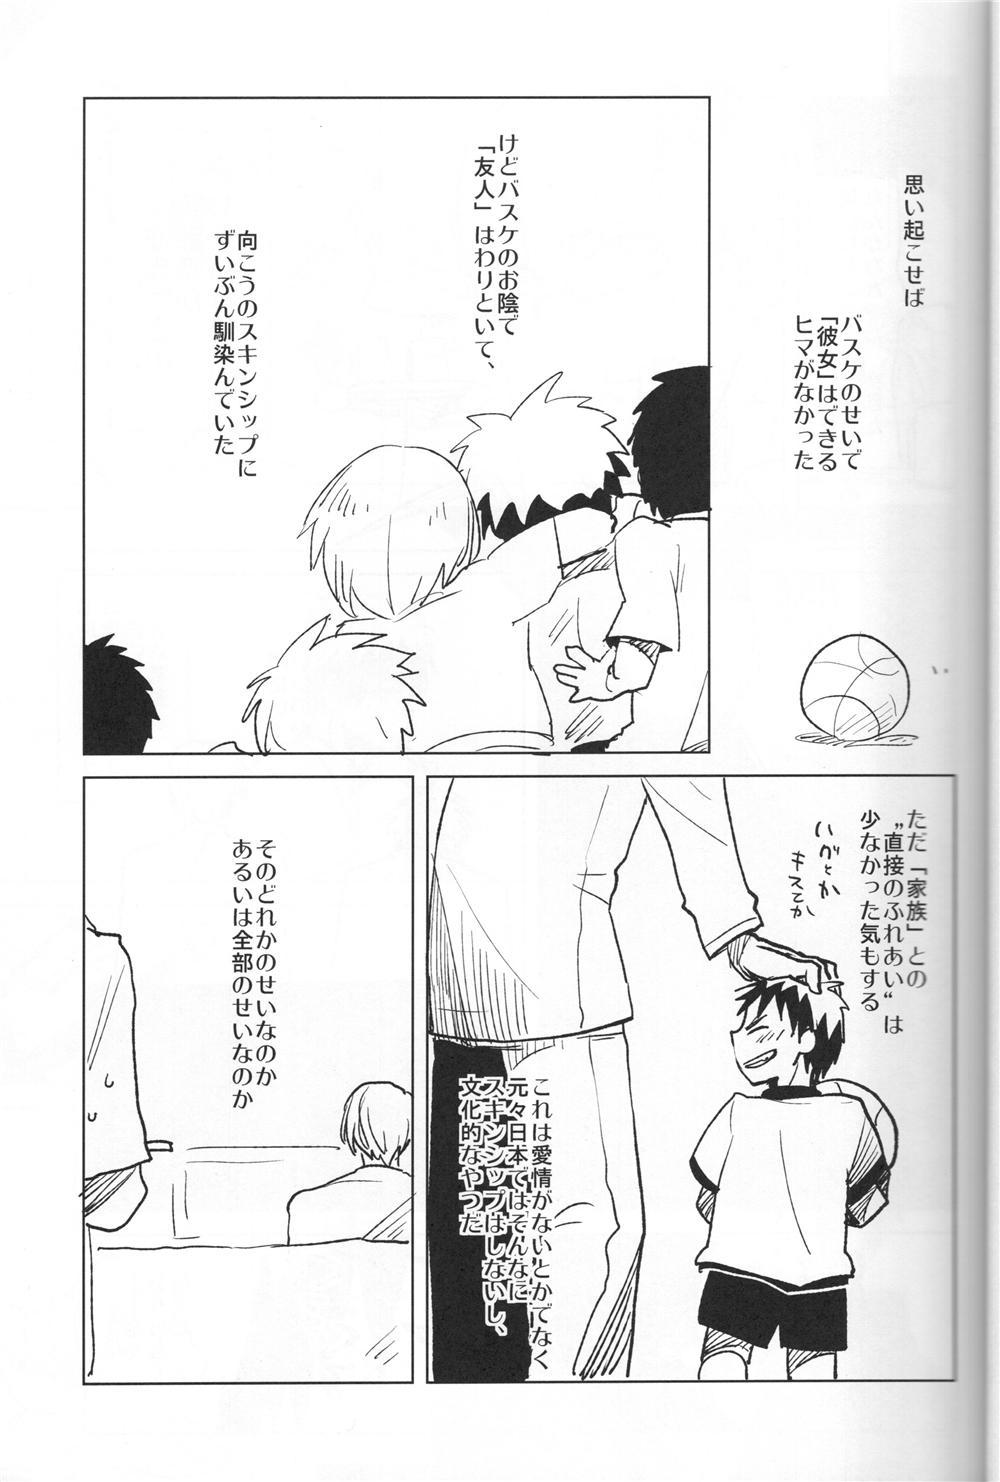 Kaleidoscope Kagami-kun no Erohon 5 25